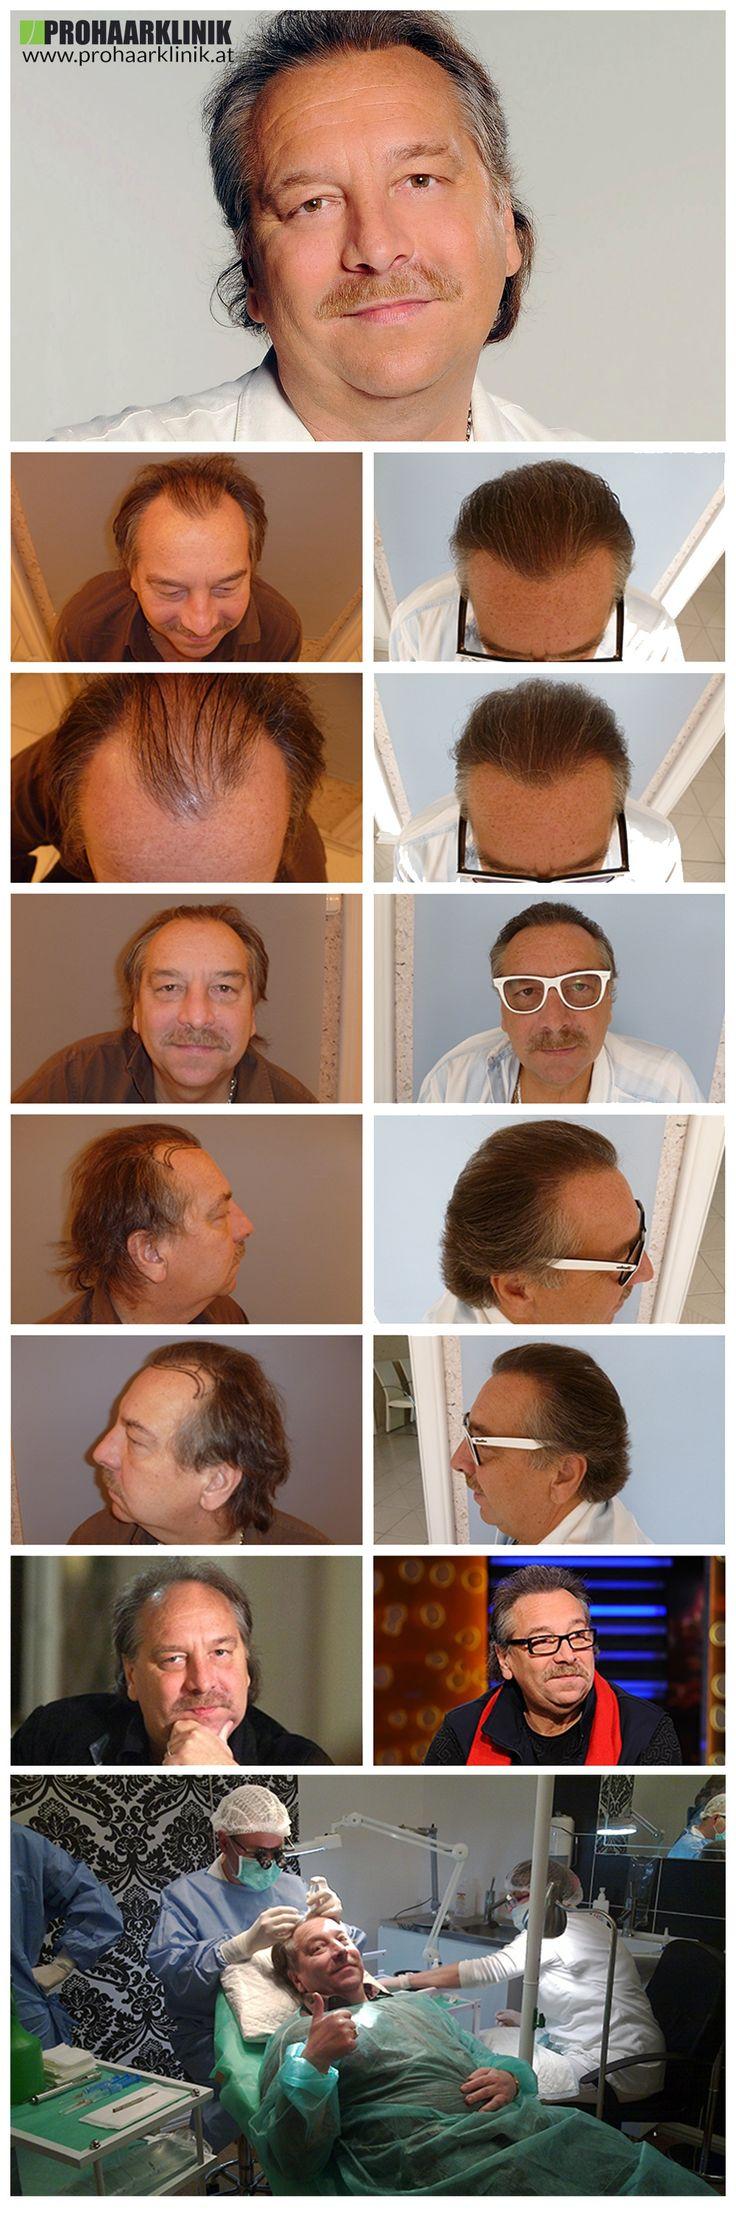 http://www.prohaarklinik.at/haartransplantation-vorher-nachher-bilder/  Haar Implantation Beratung - PROHAARKLINIK  Dieses Bild zeigt die Ergebnisse der 4000+ Haartransplantationen, zwischen langen Haaren, innerhalb von 1 Tag -. Bei PROHAARKLINIK. Die nach Fotos wurden 1 Jahr nach der Implantation entnommen.